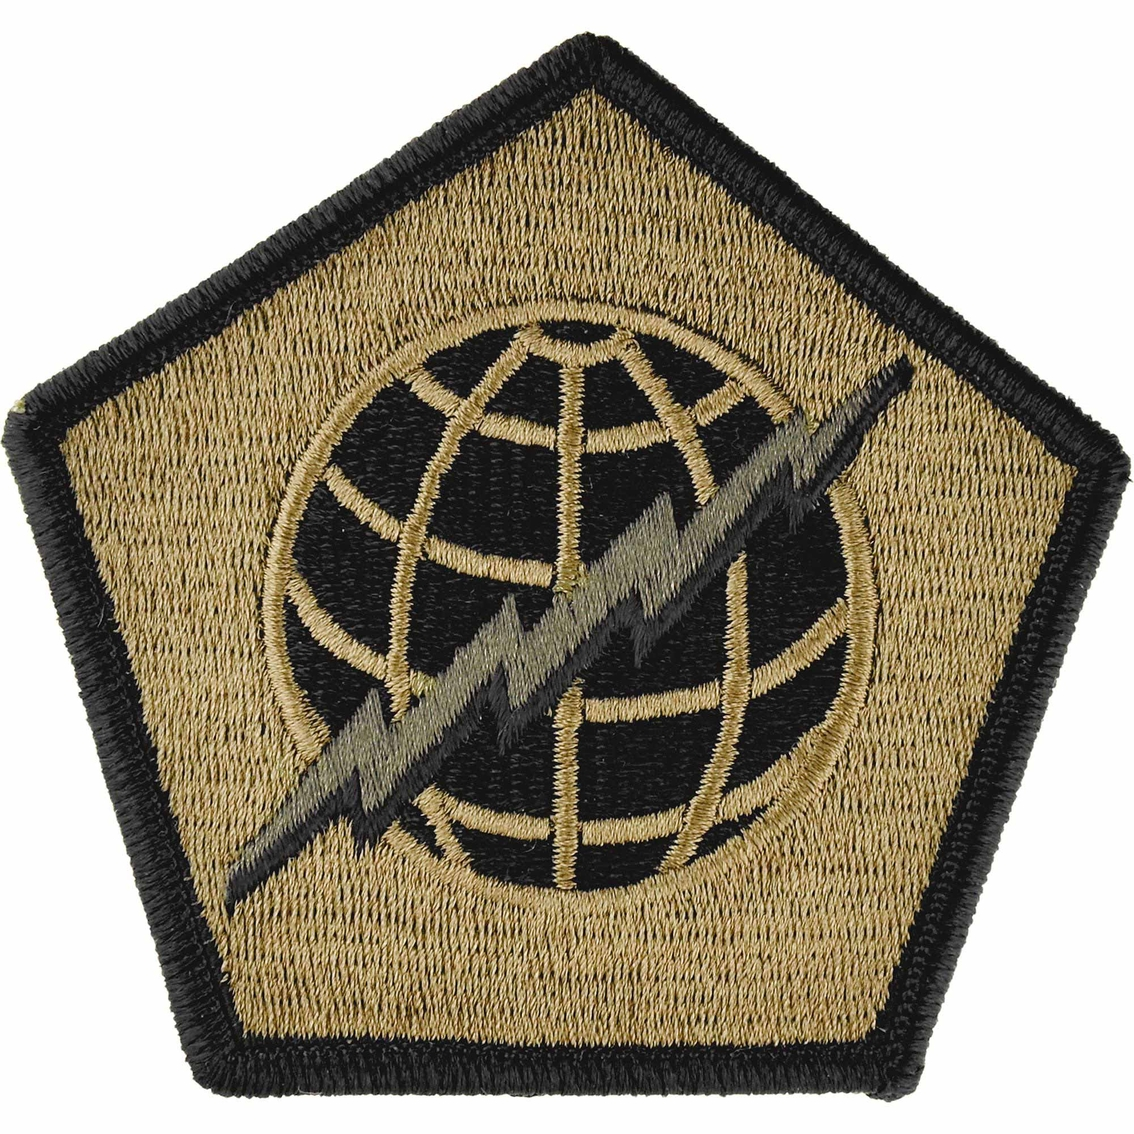 Army Unit Patch 505th Signal Brigade (ocp)